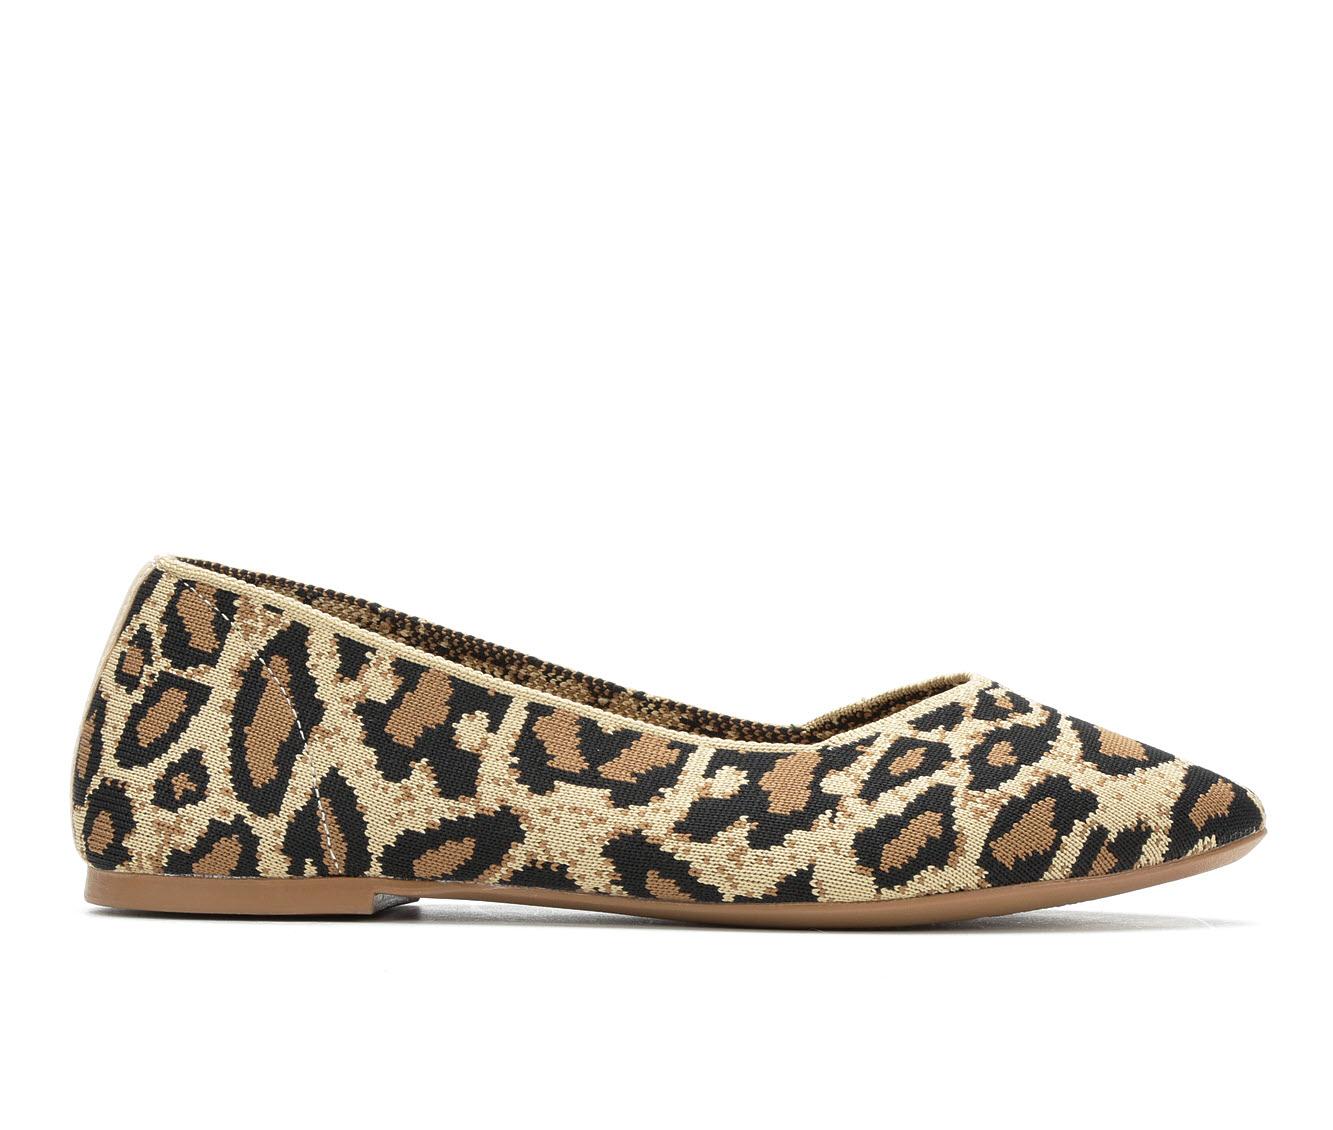 Skechers Cleo Leopard 44886 Women's Shoe (Brown Canvas)